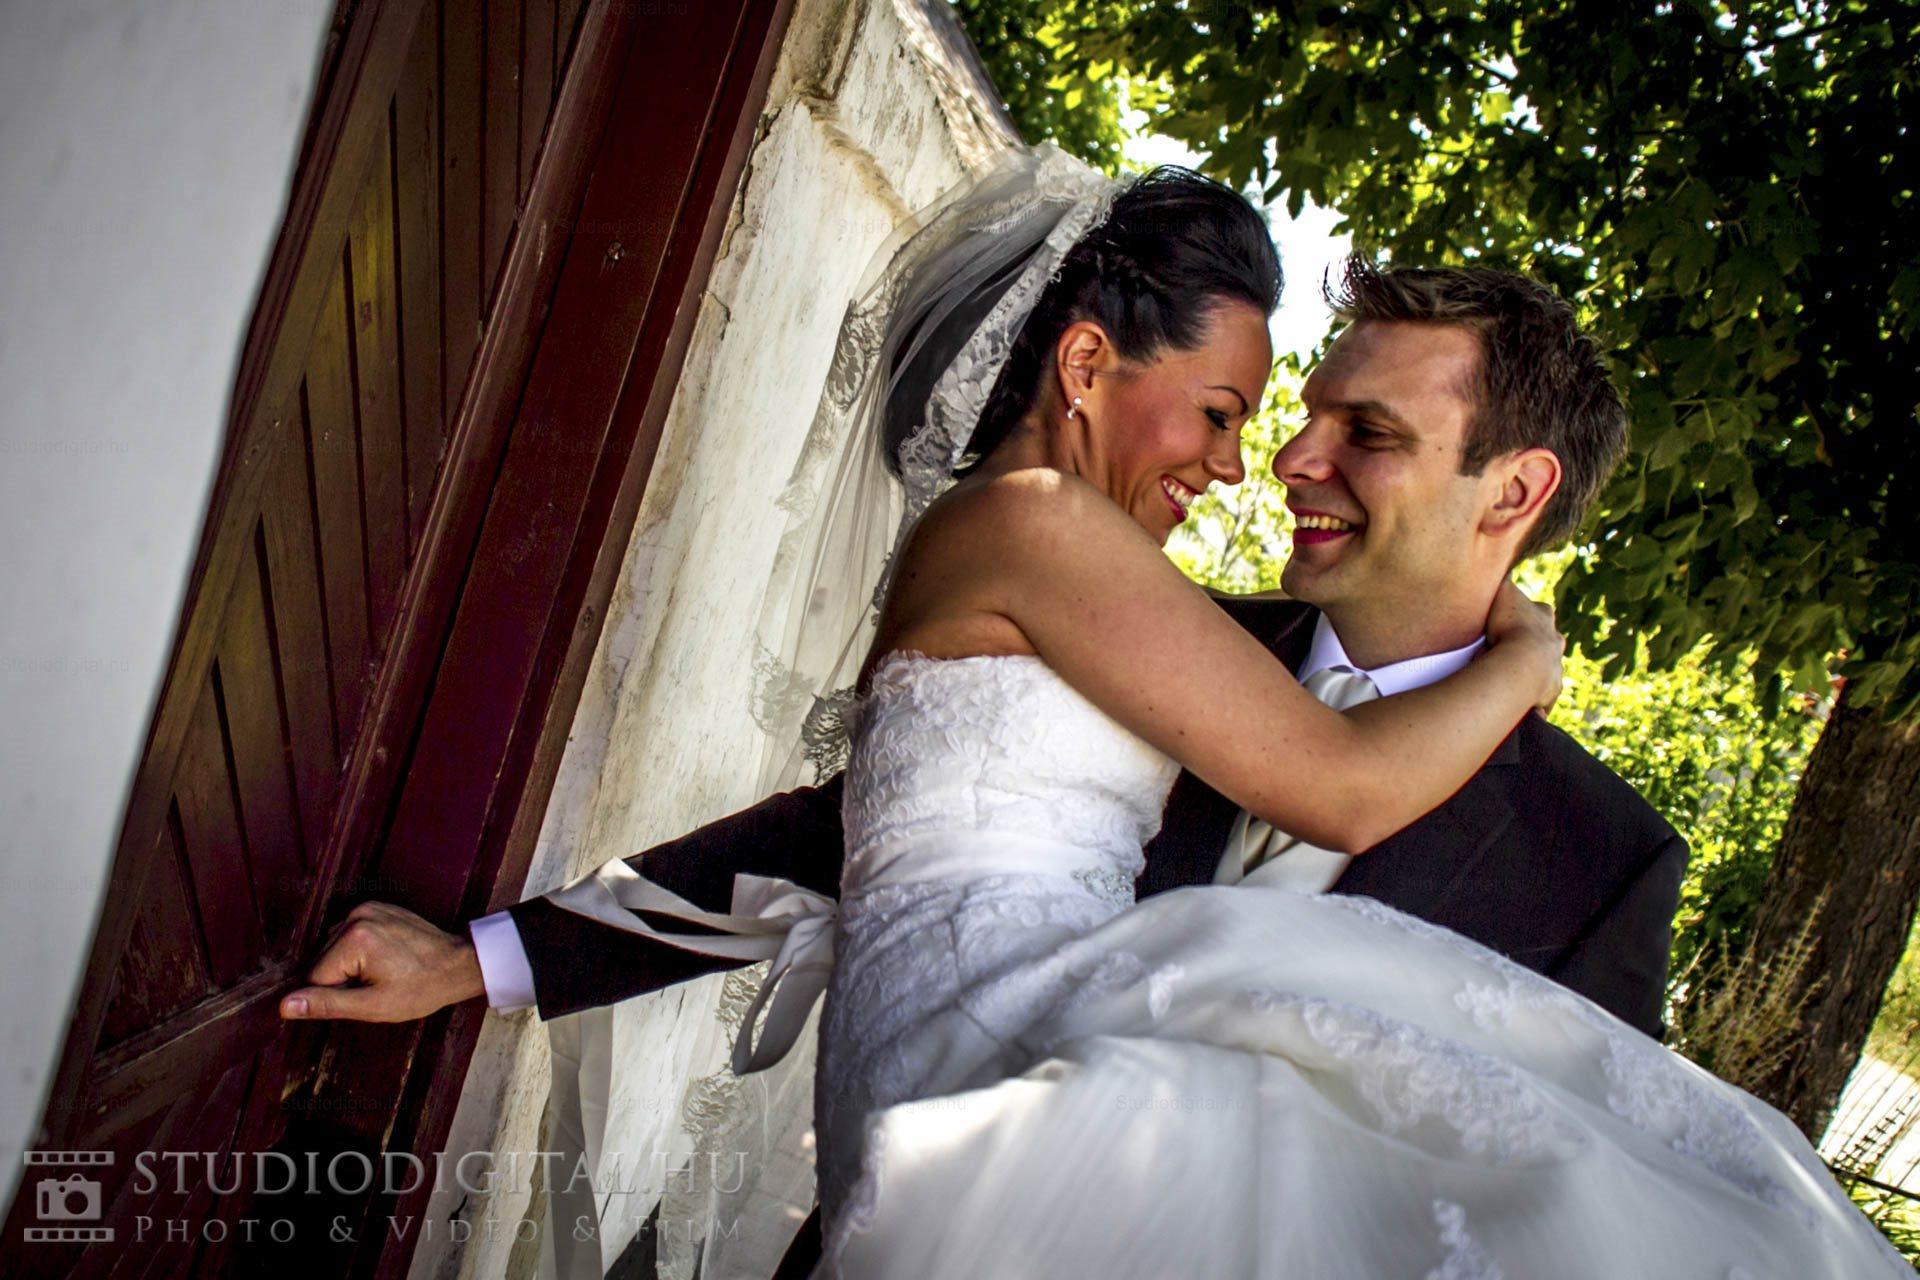 Kreatív-esküvői-fotó-92